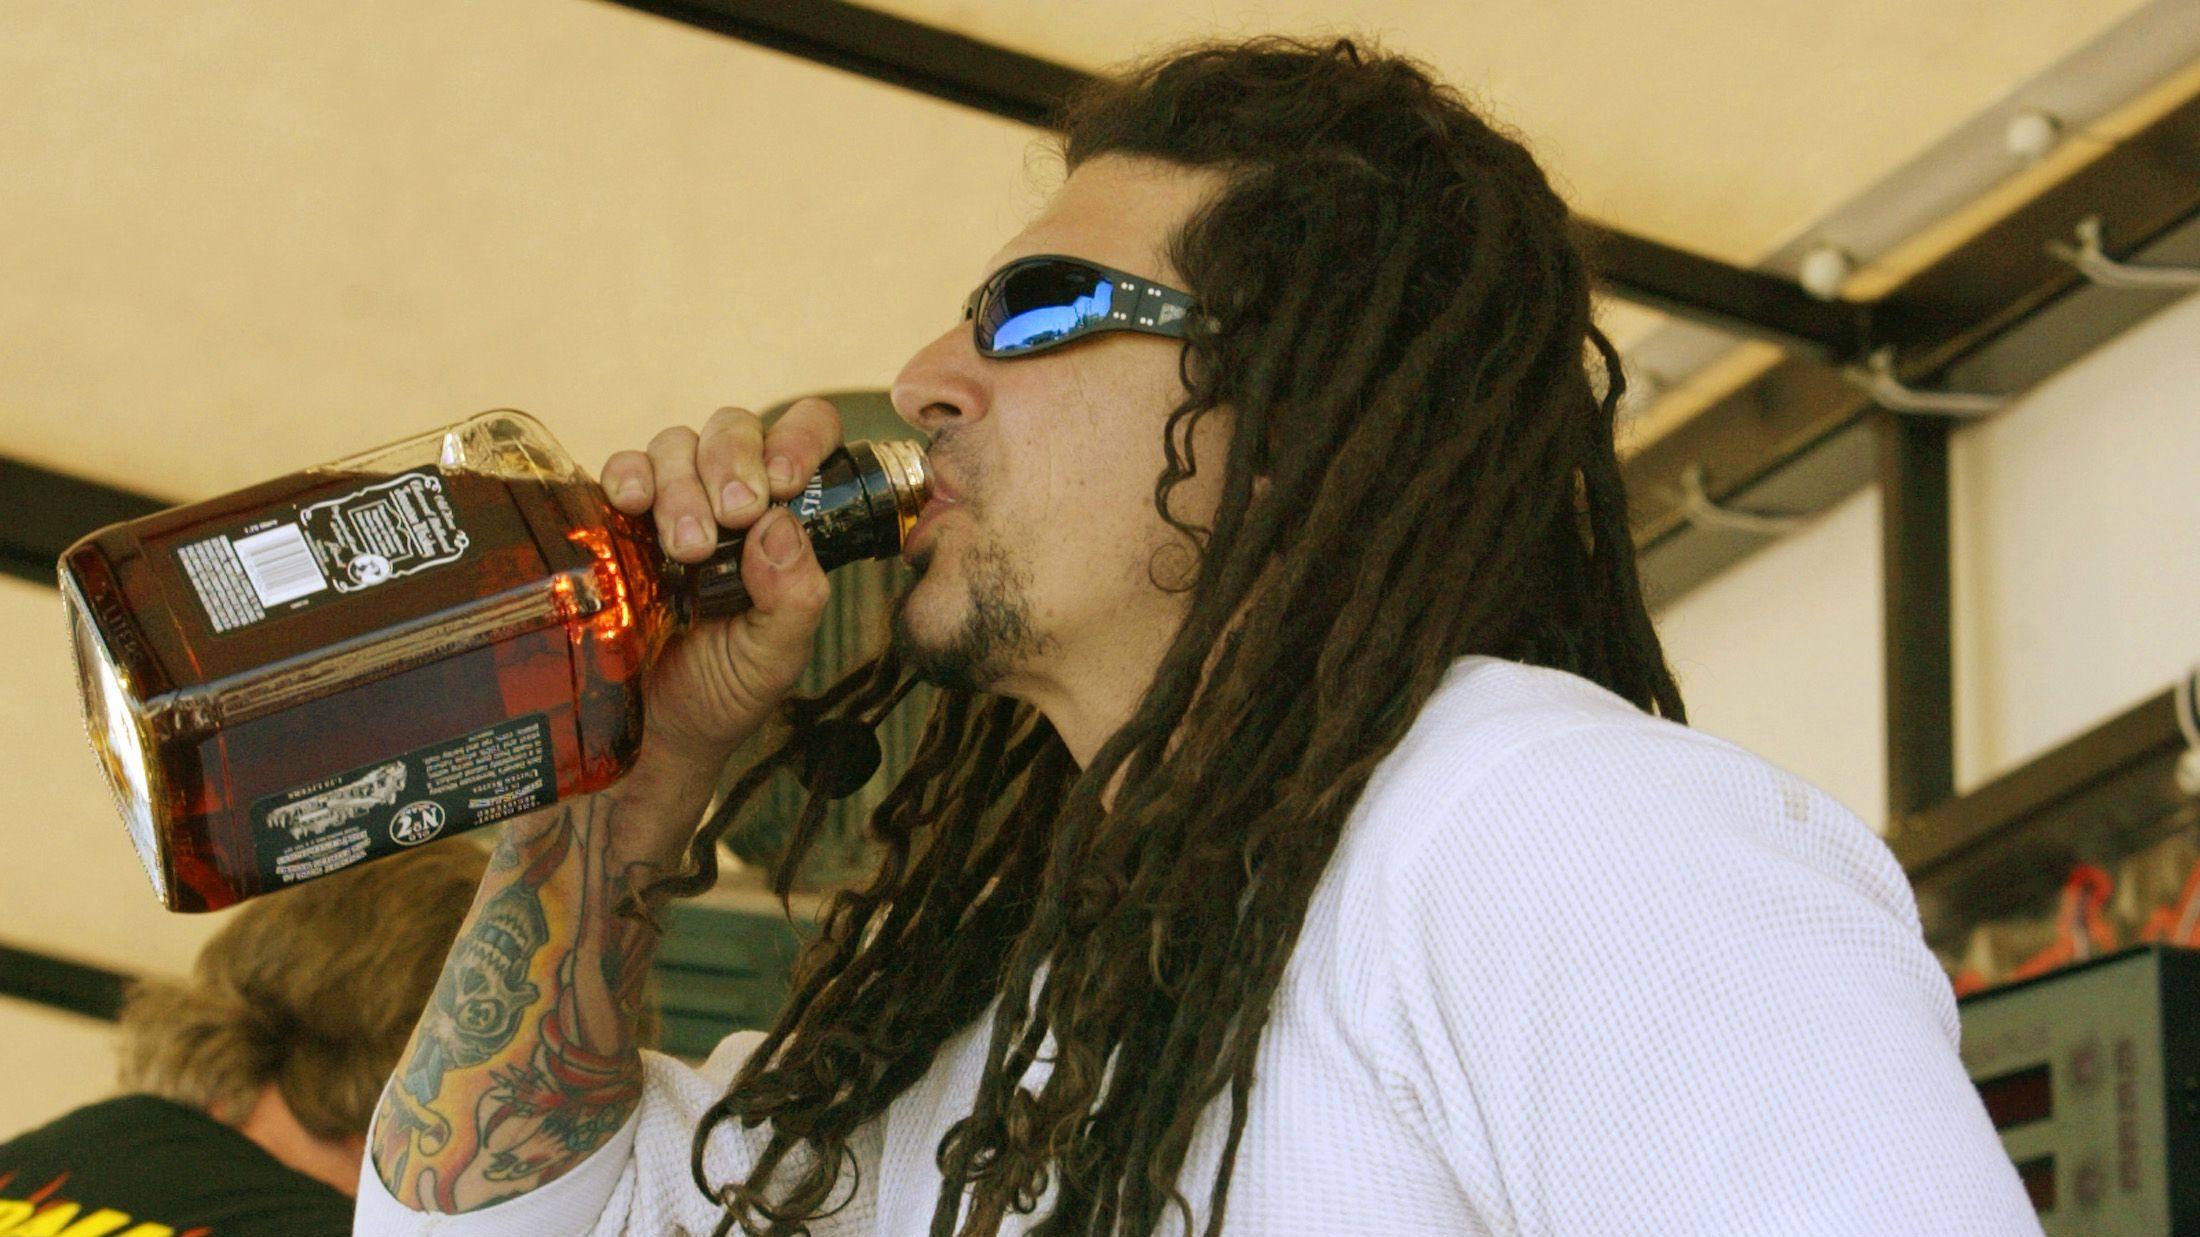 Billy Lane drinks whiskey on Main Street at Bike Week.